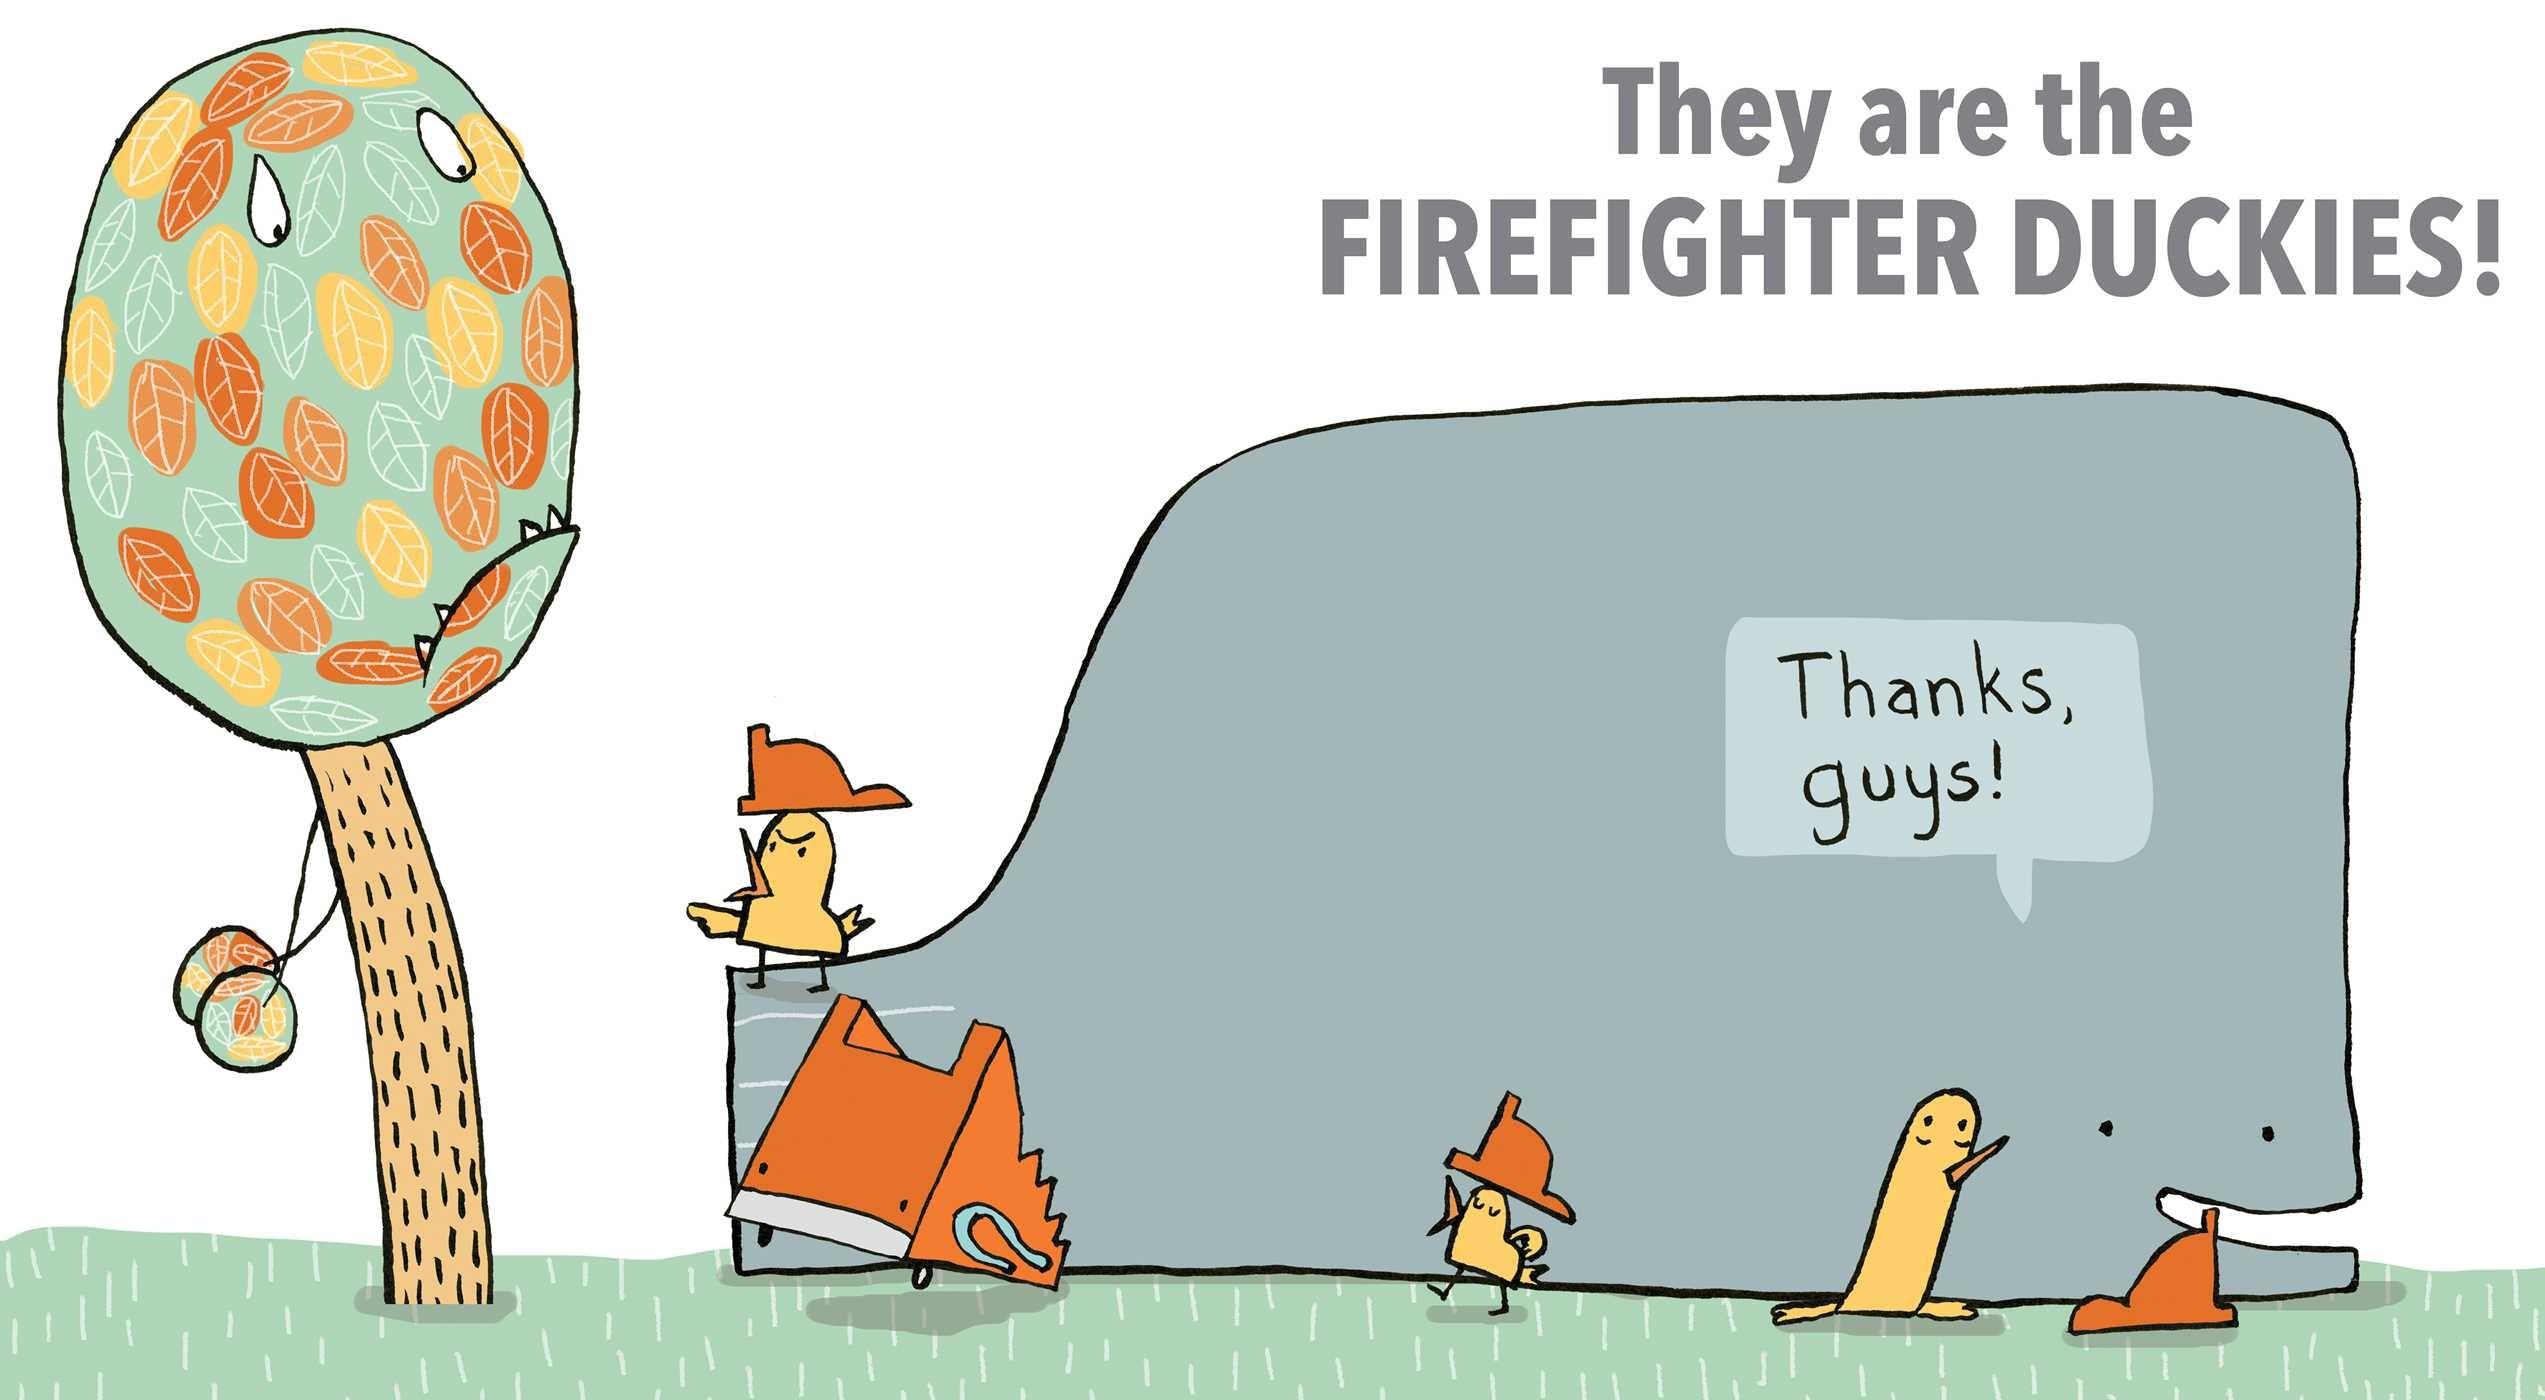 Firefighter duckies 9781481460903.in06